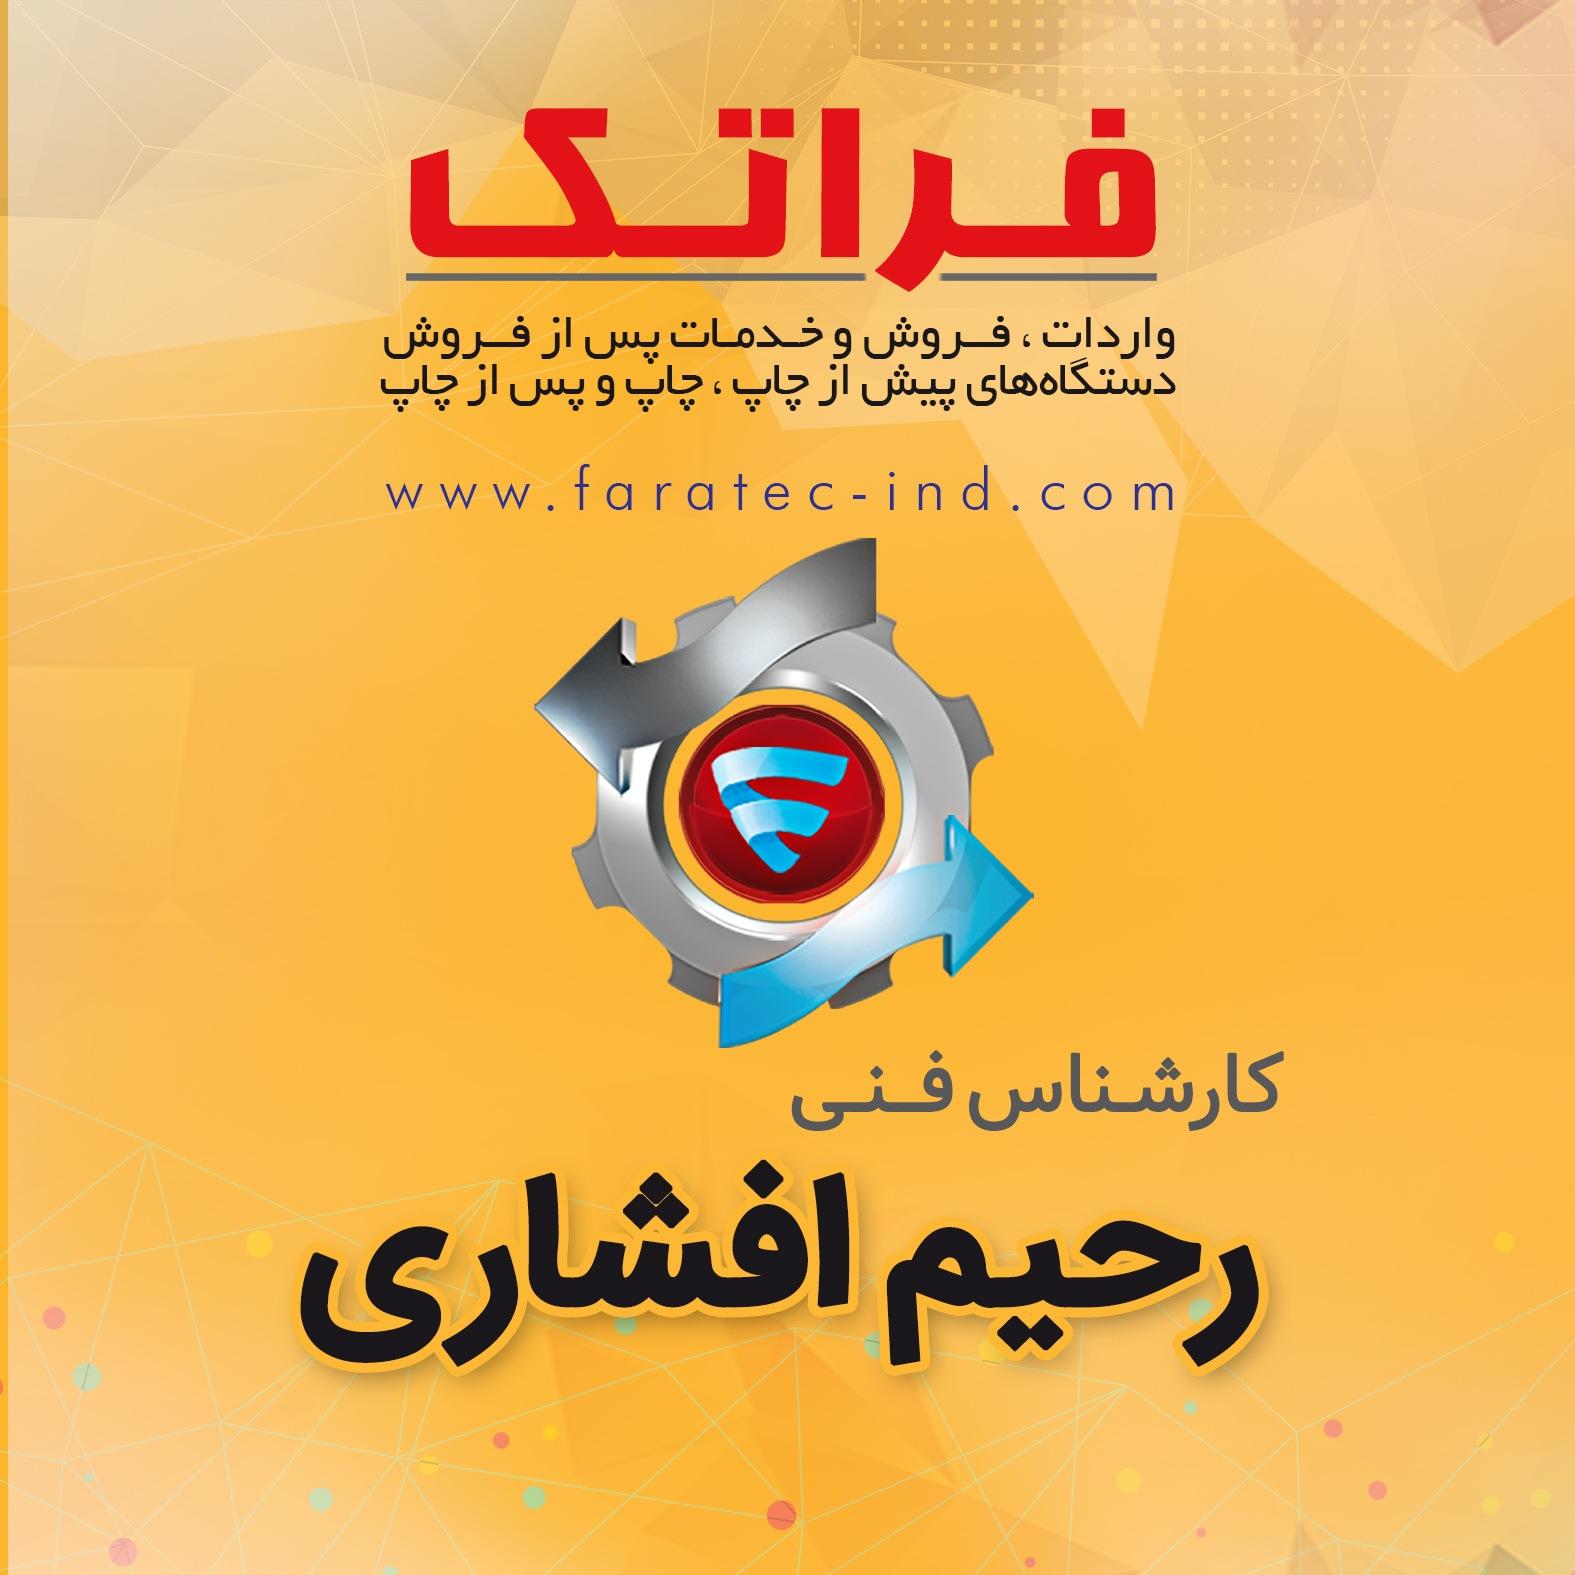 رحیم افشاری | کارشناس فنی فراتک